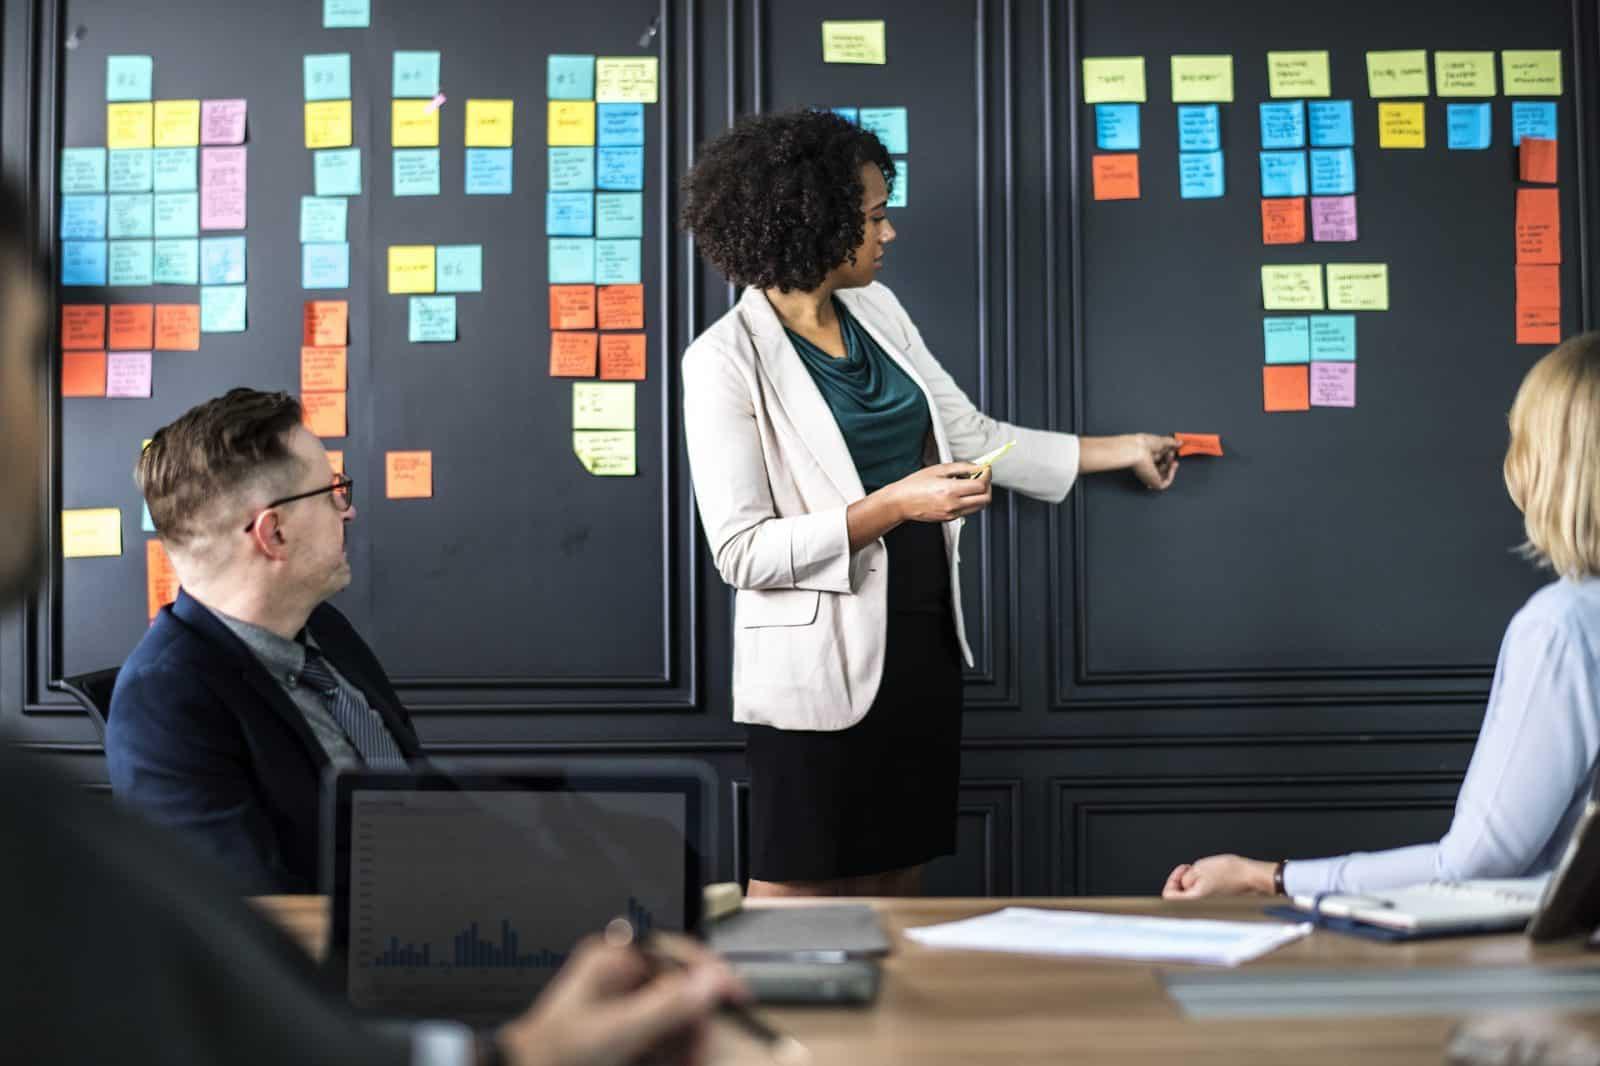 Le blendedlearning : un nouveau concept arrive sur le marché de la formation